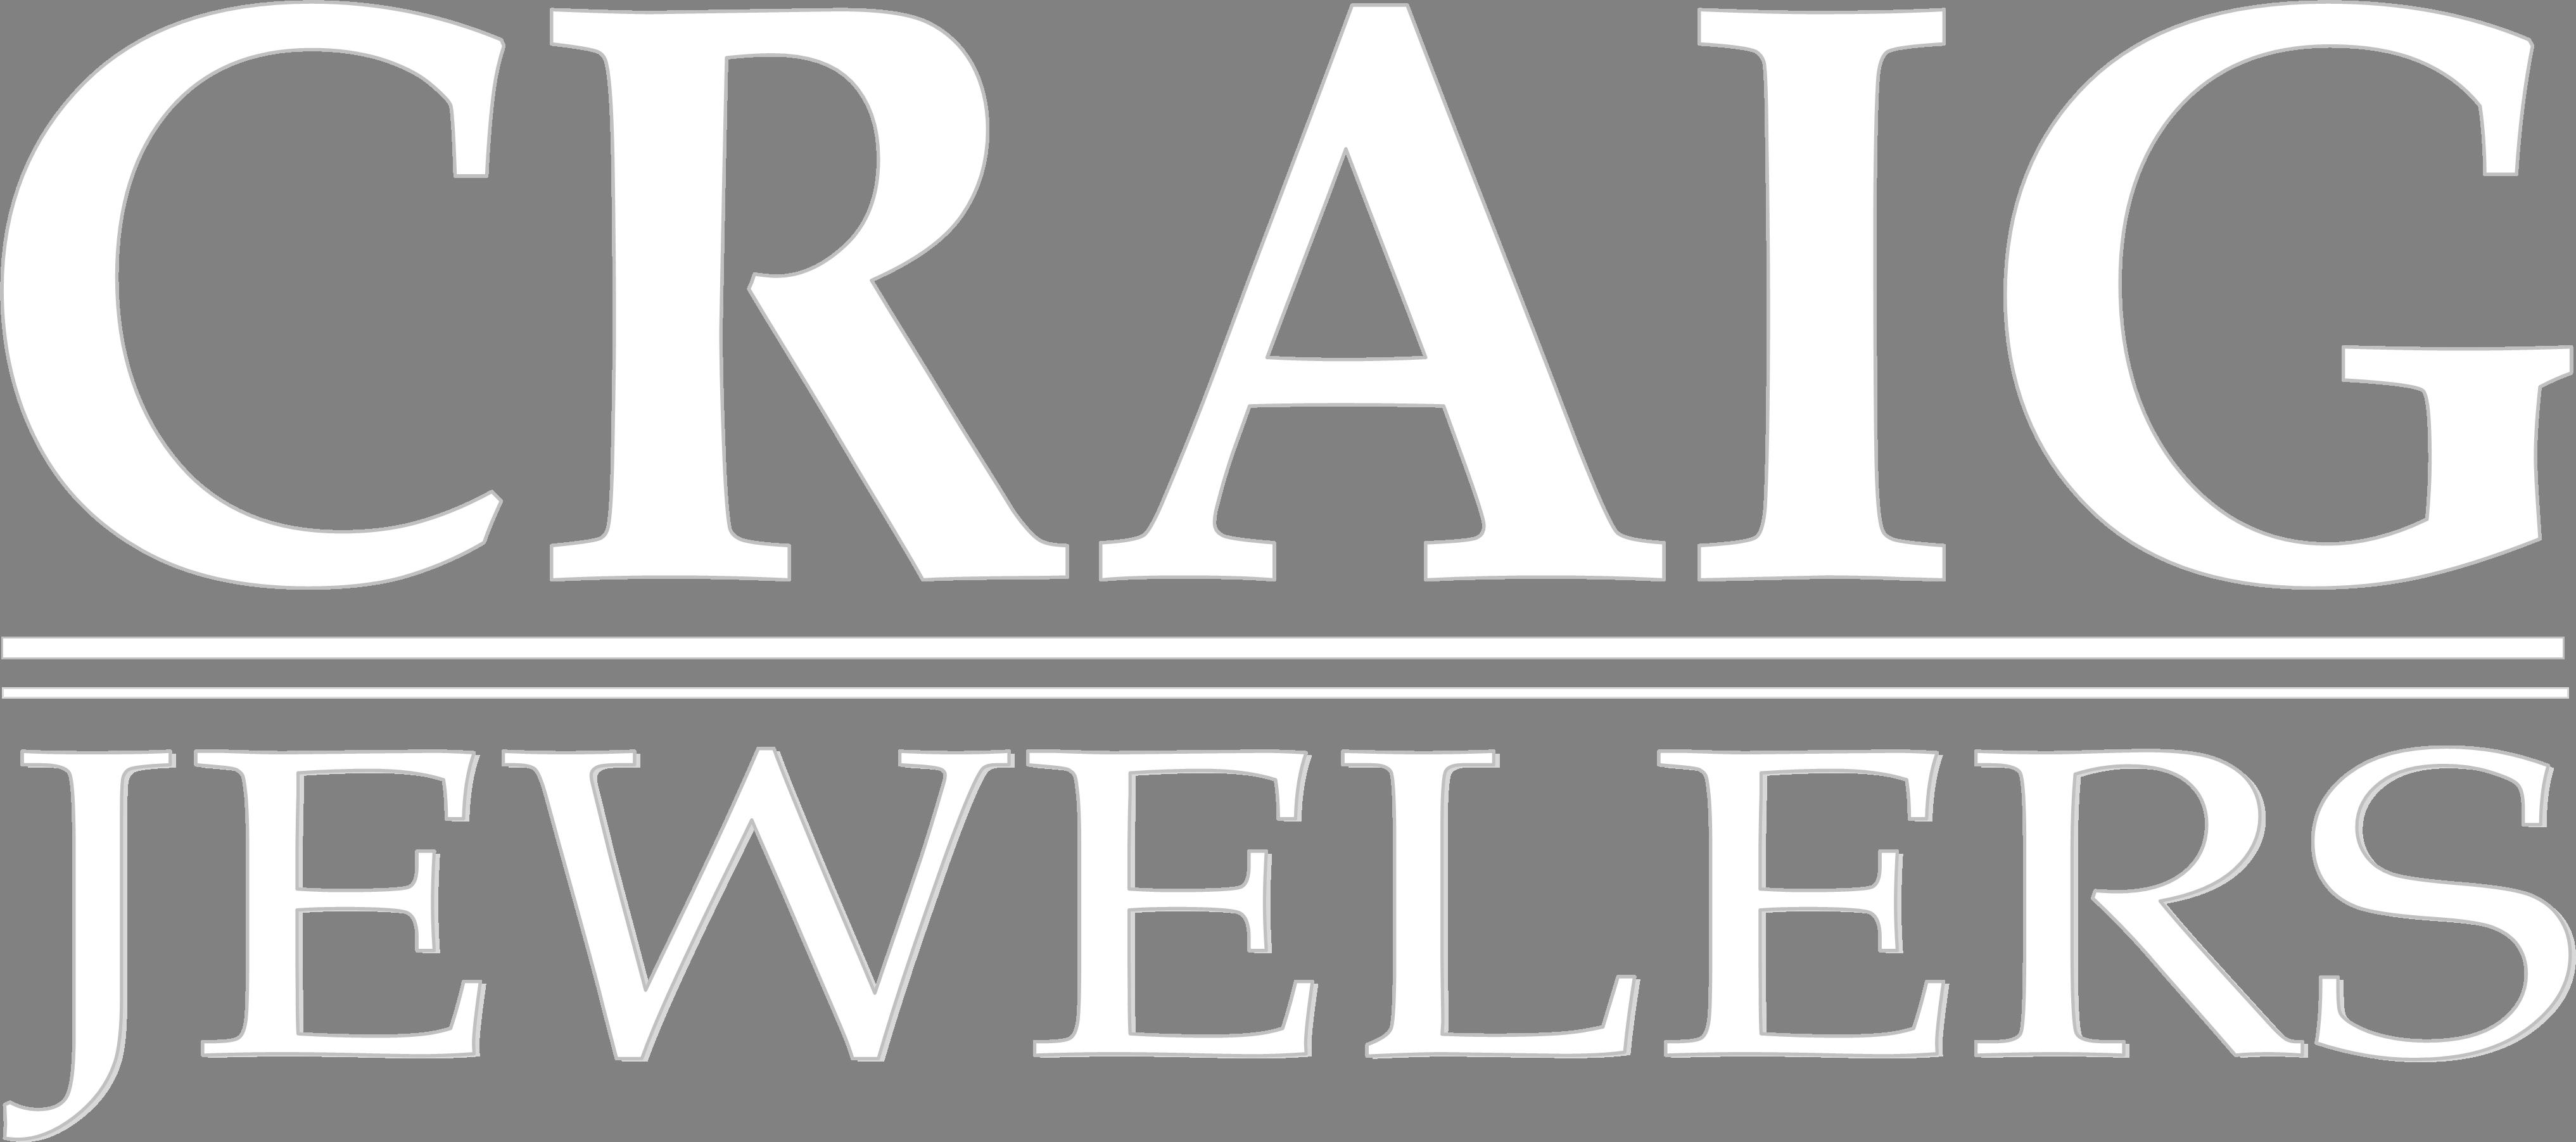 Craig Jewelers